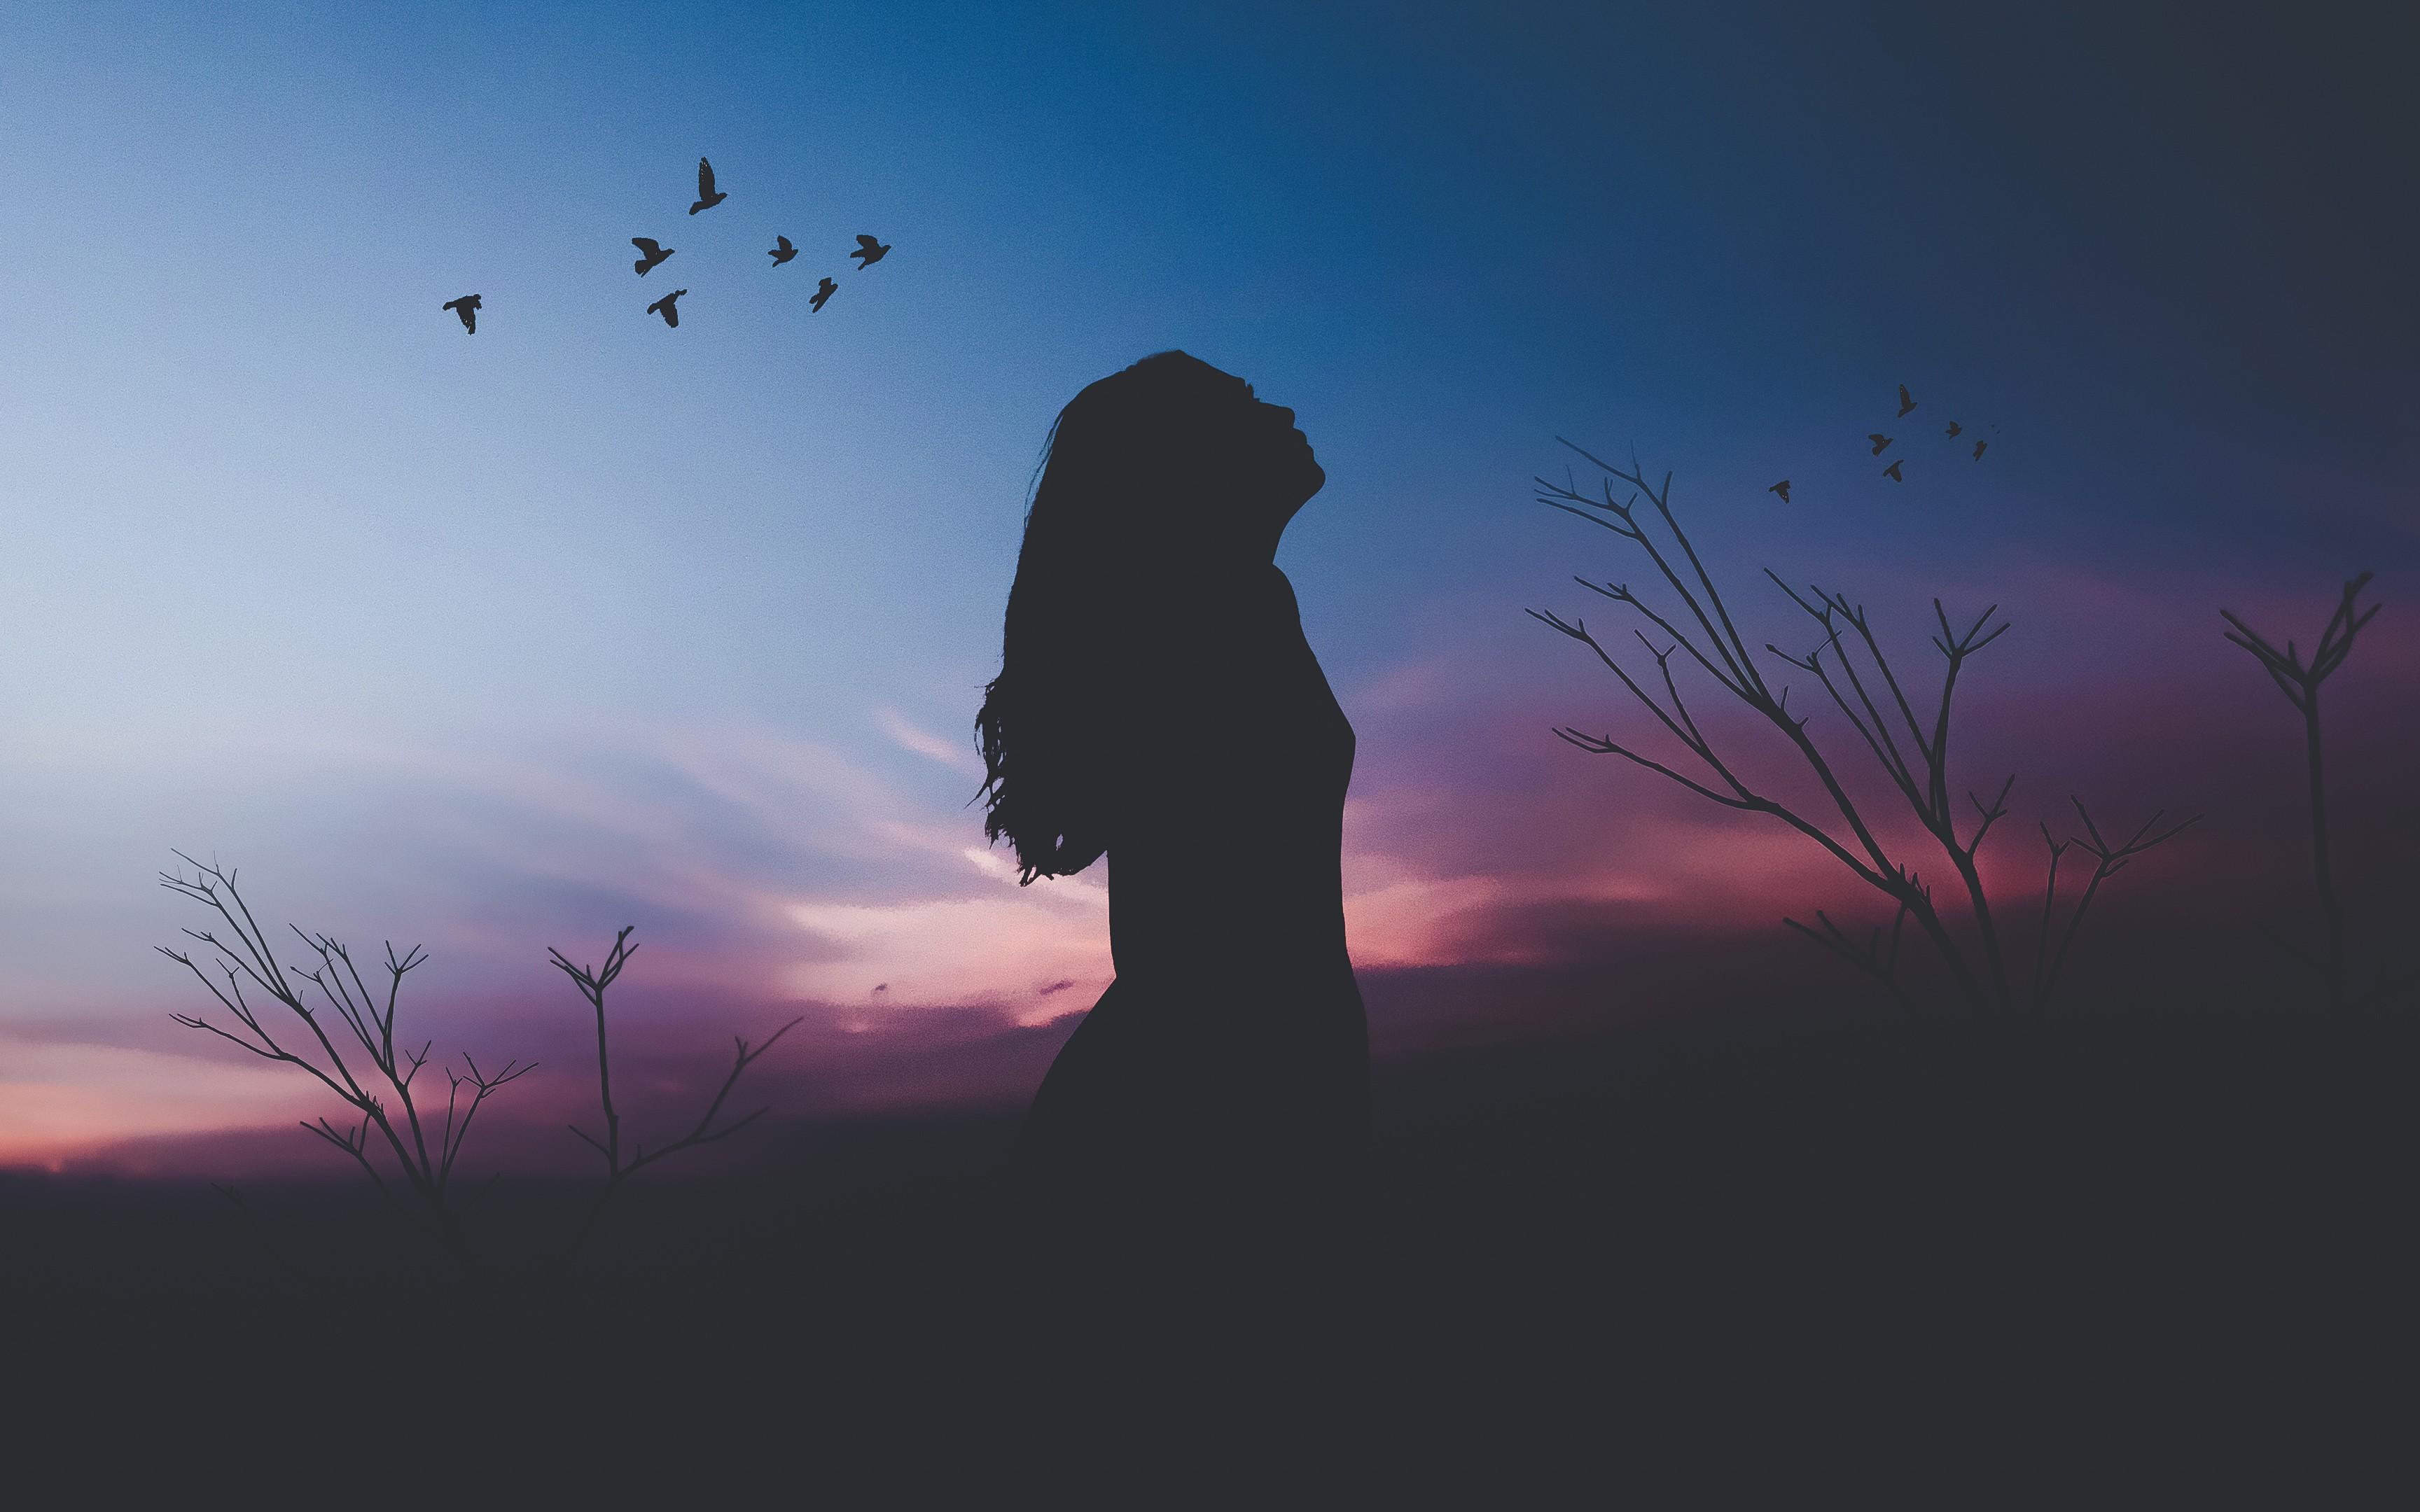 Vì sao ta luôn có cảm giác cô đơn bất kể cuộc sống có no đủ đến đâu đi chăng nữa